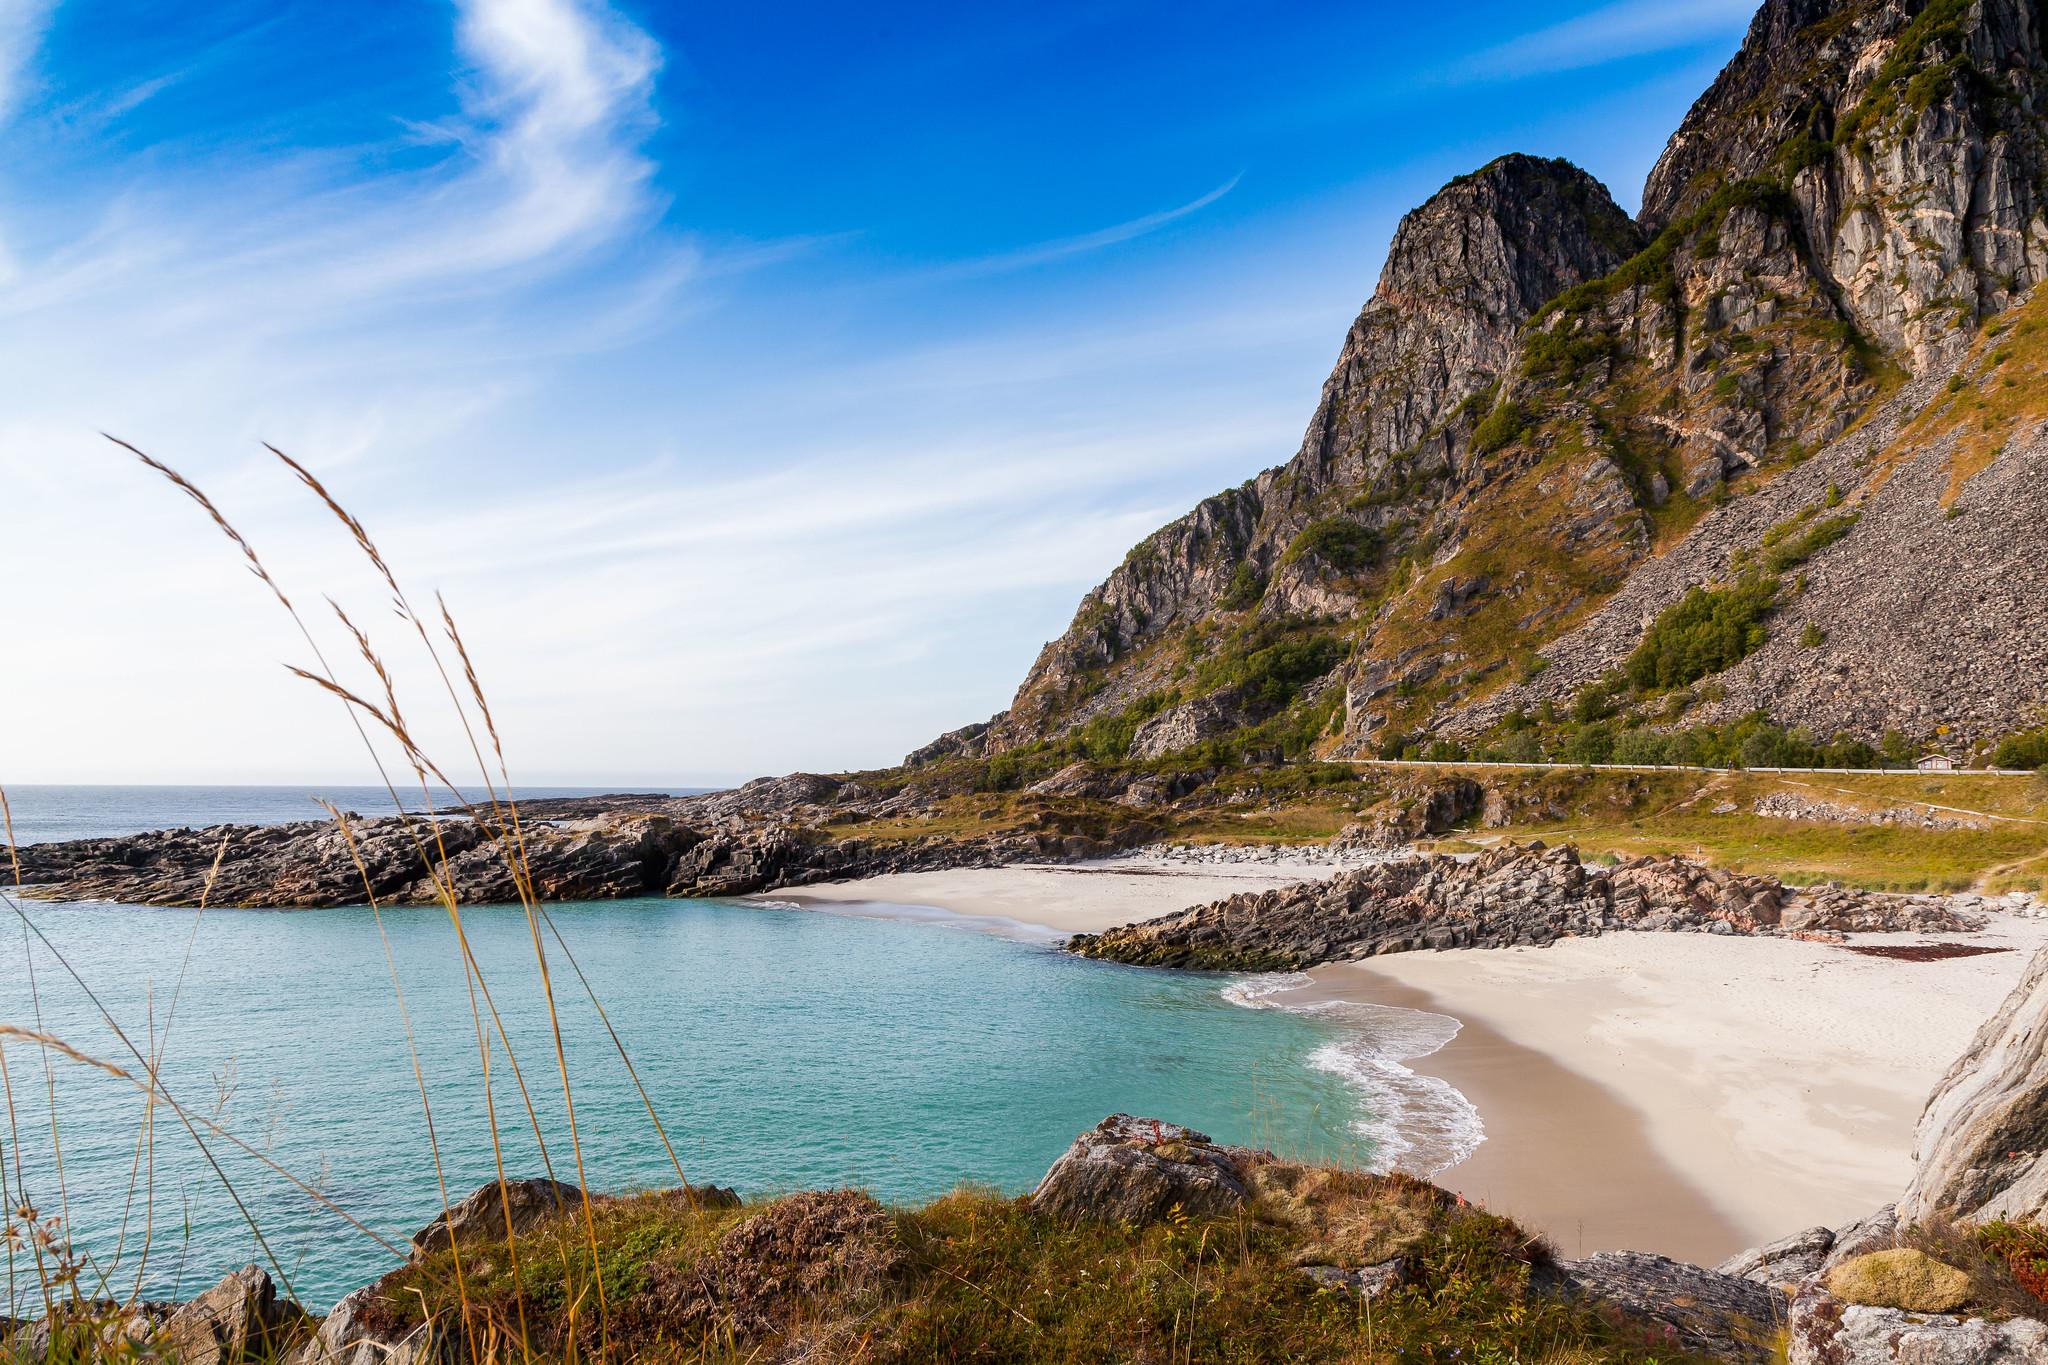 otervika beach, Norway